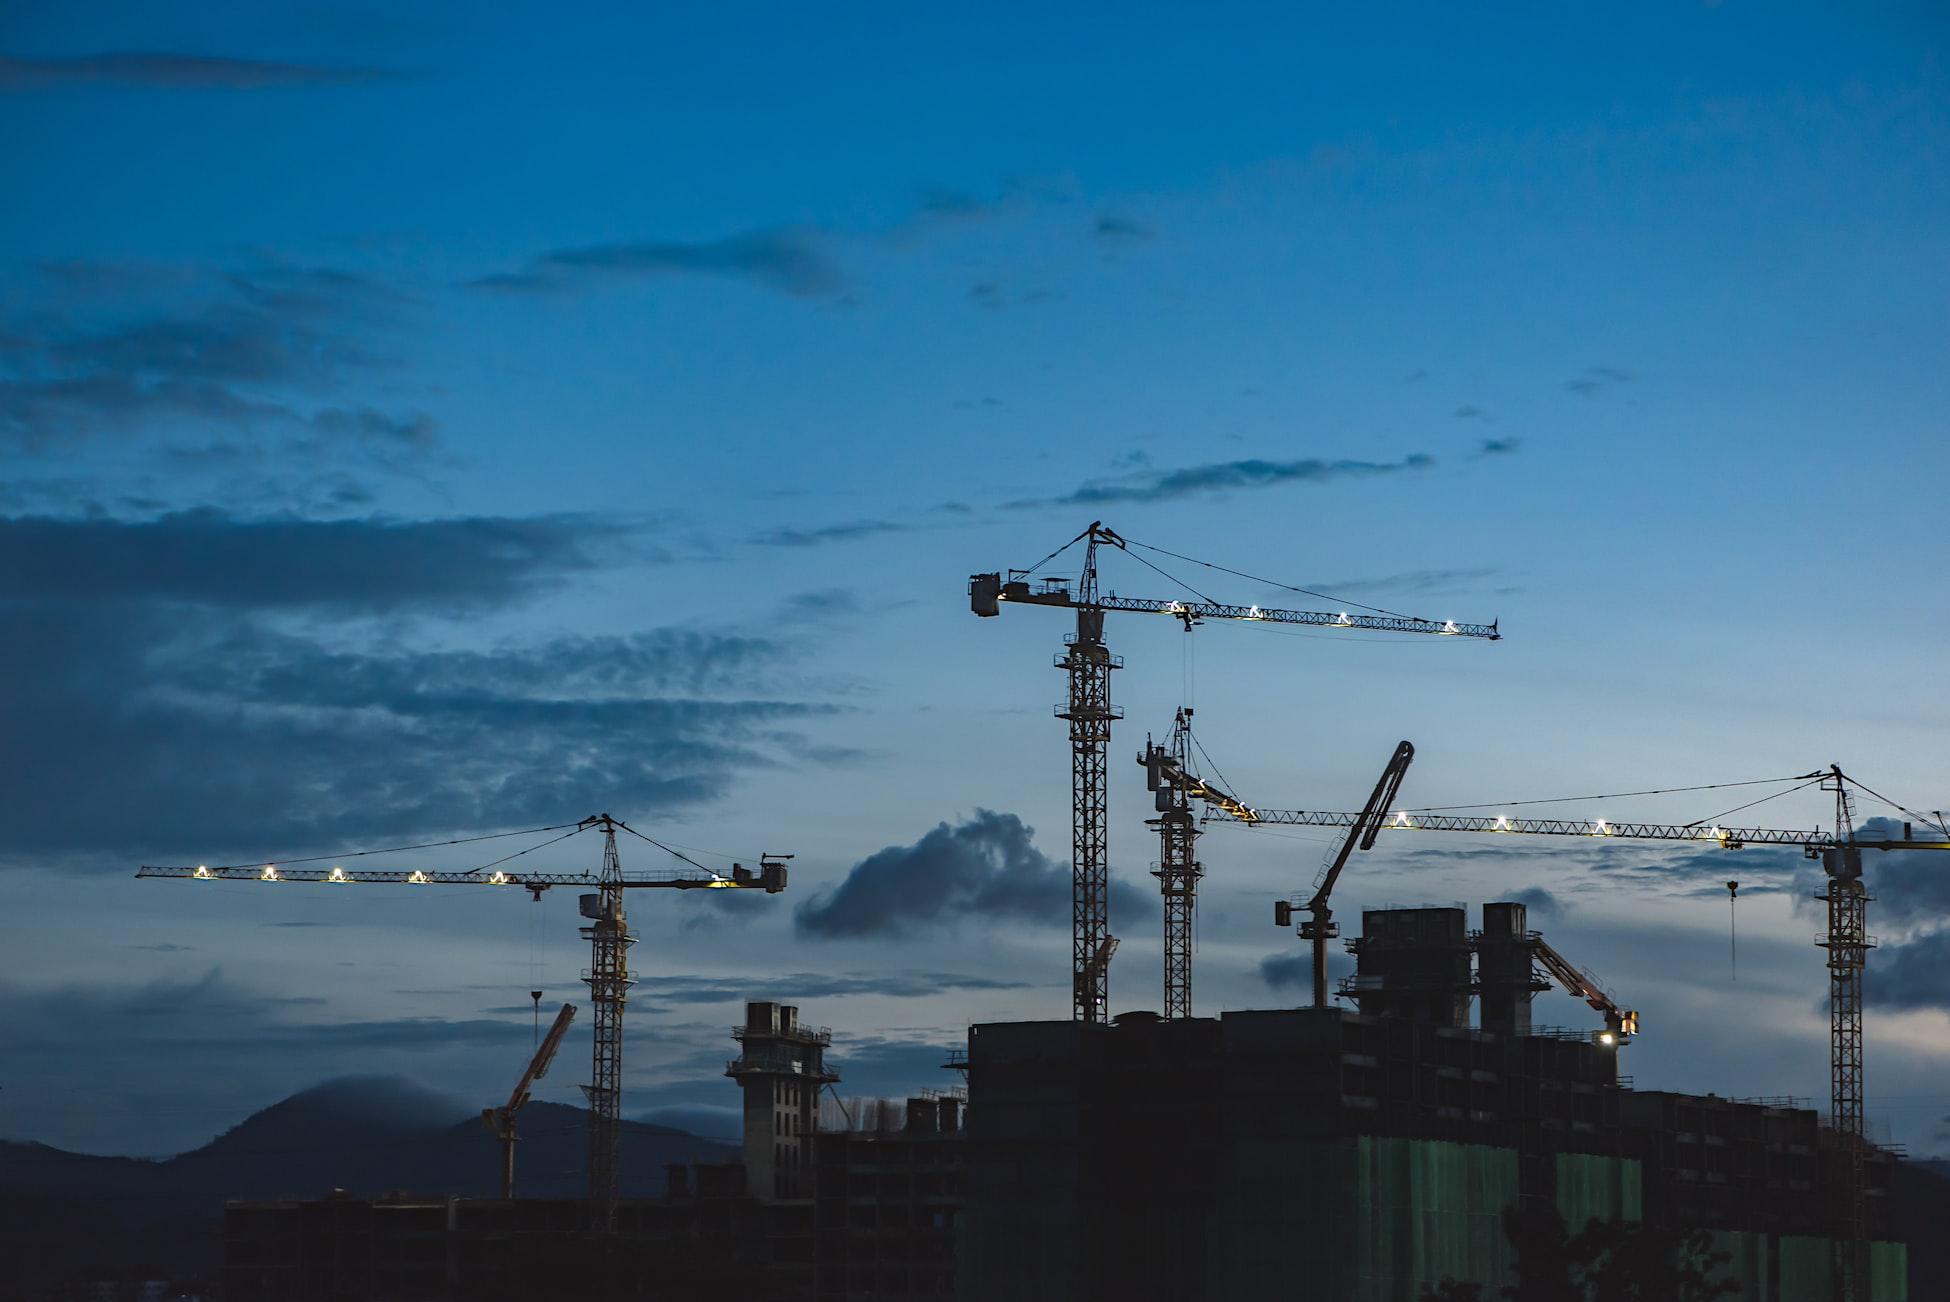 Construction crane sky view